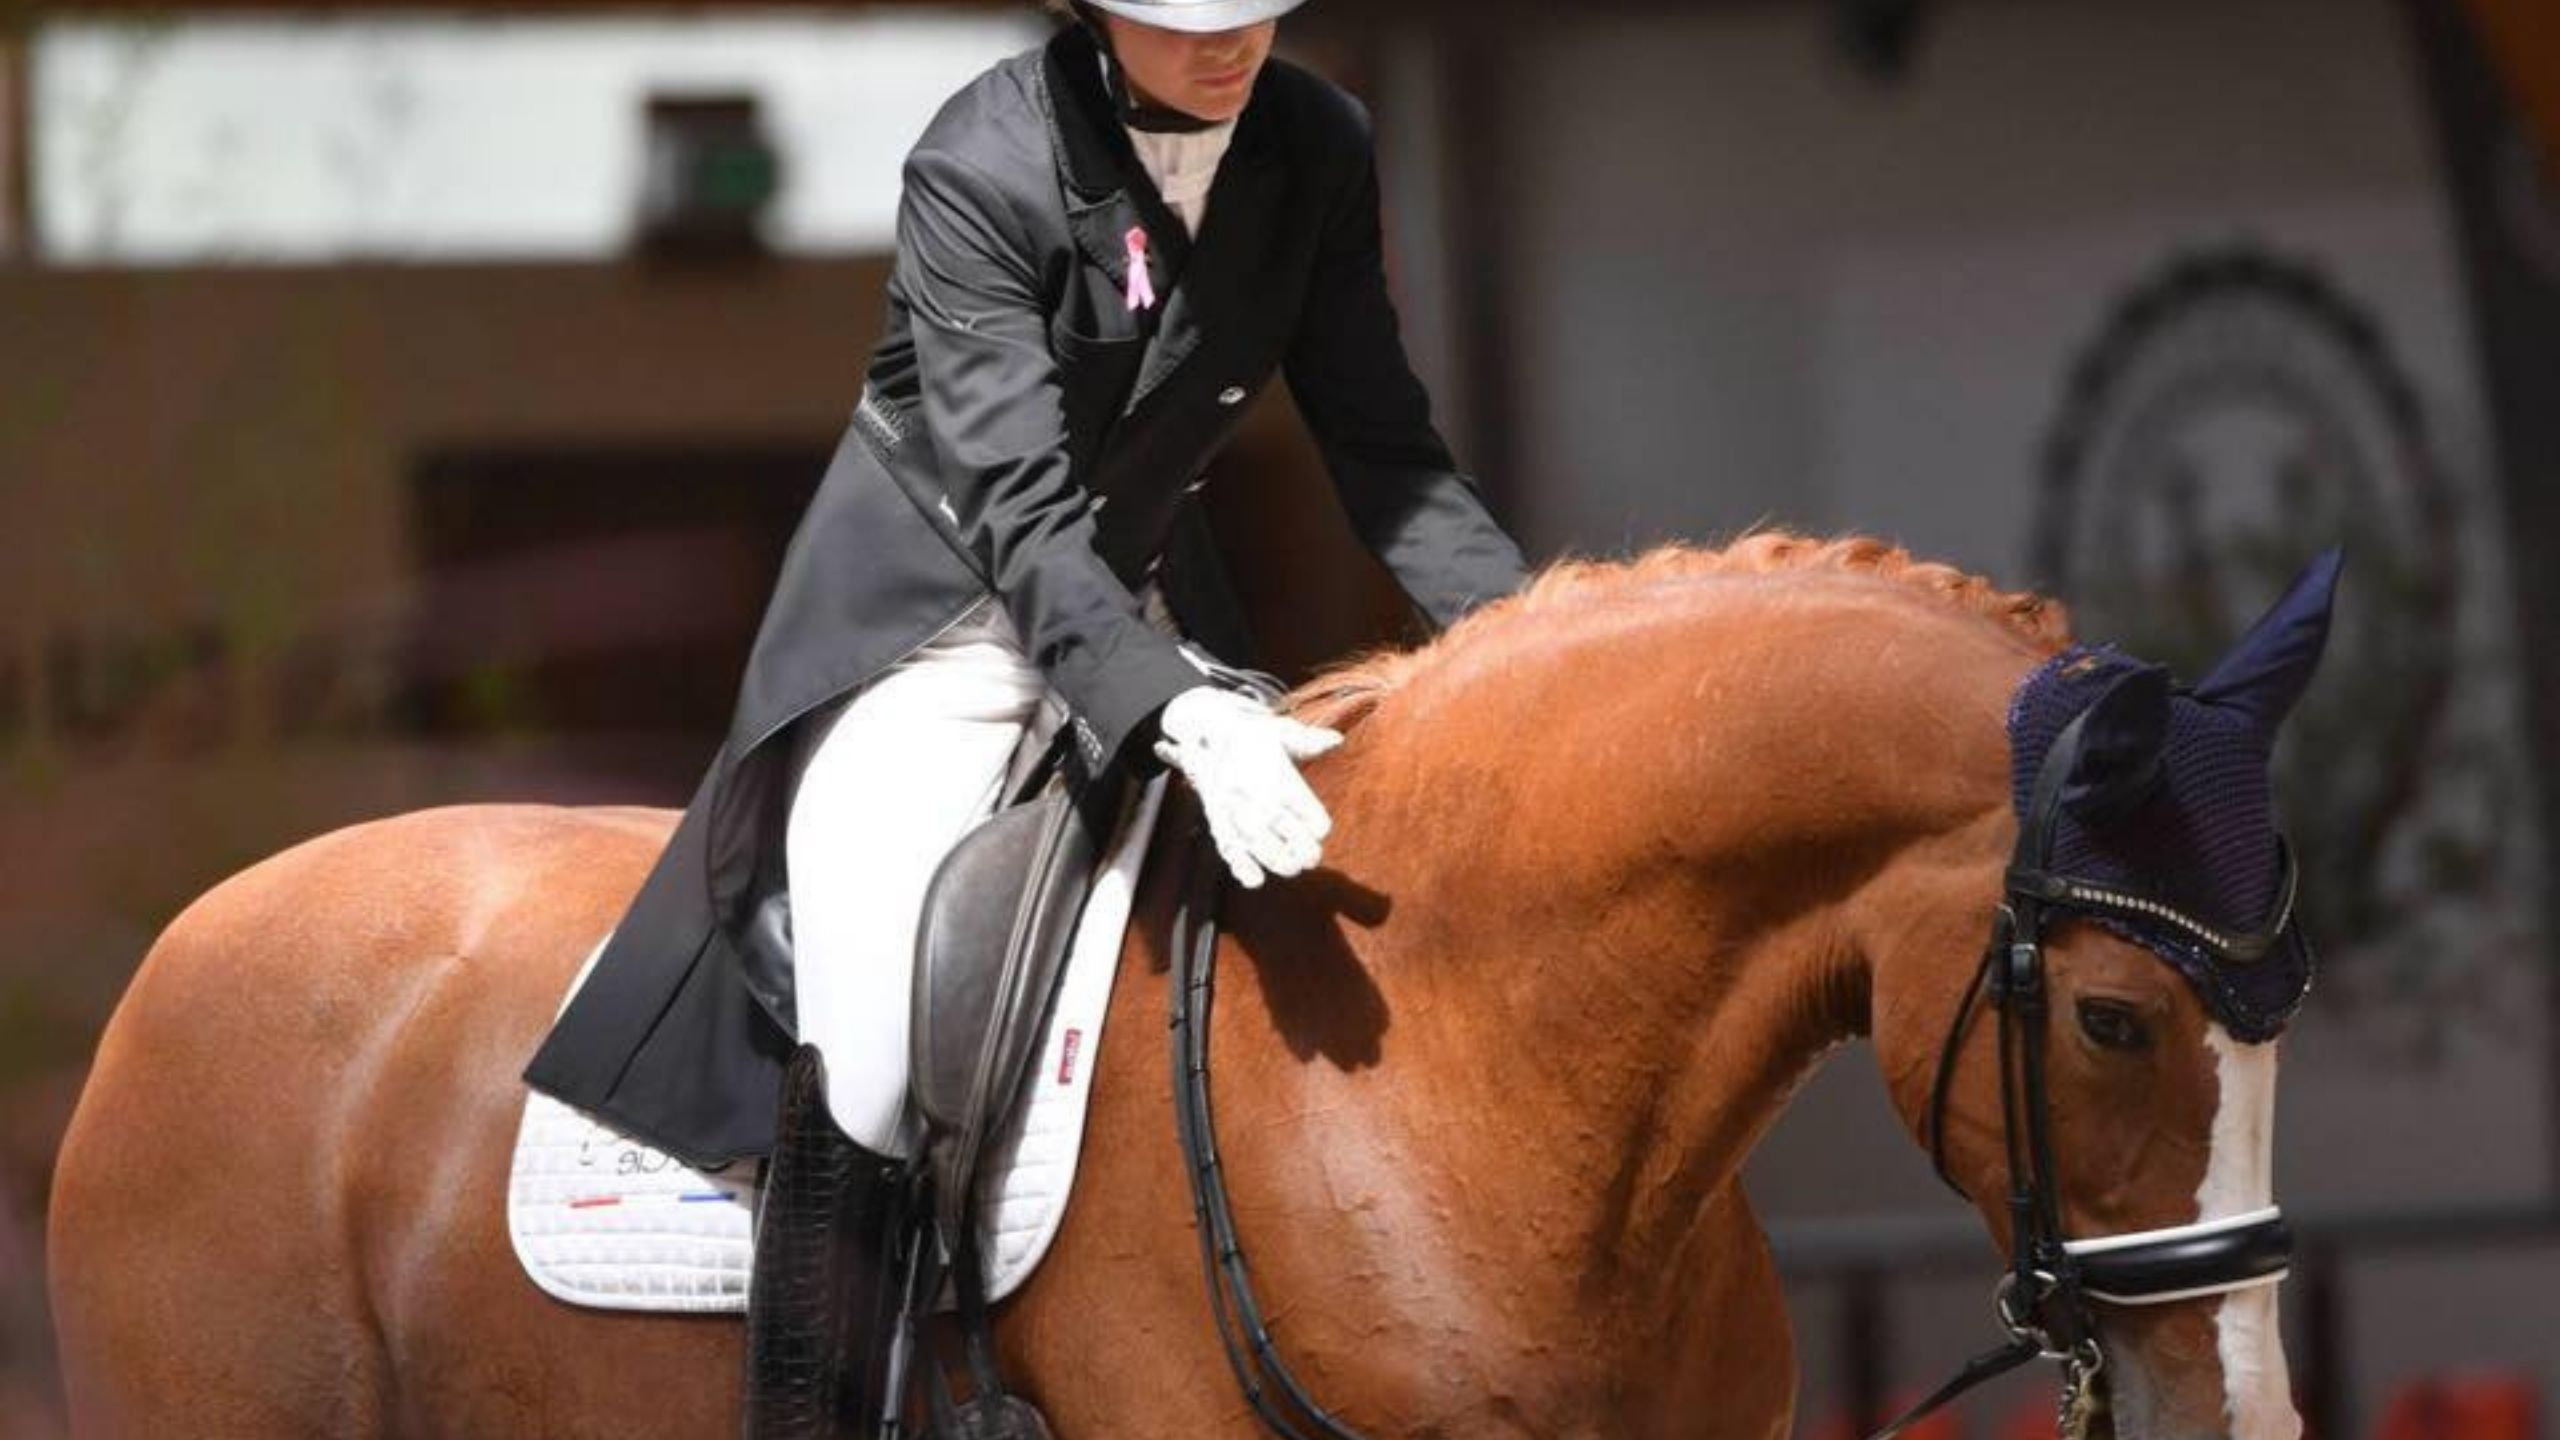 terre de sport equestre aider le cavalier et le cheval à progresser vers une equitationdans le respect et la decontraction avec des exercices en dressage et en saut d obstacles